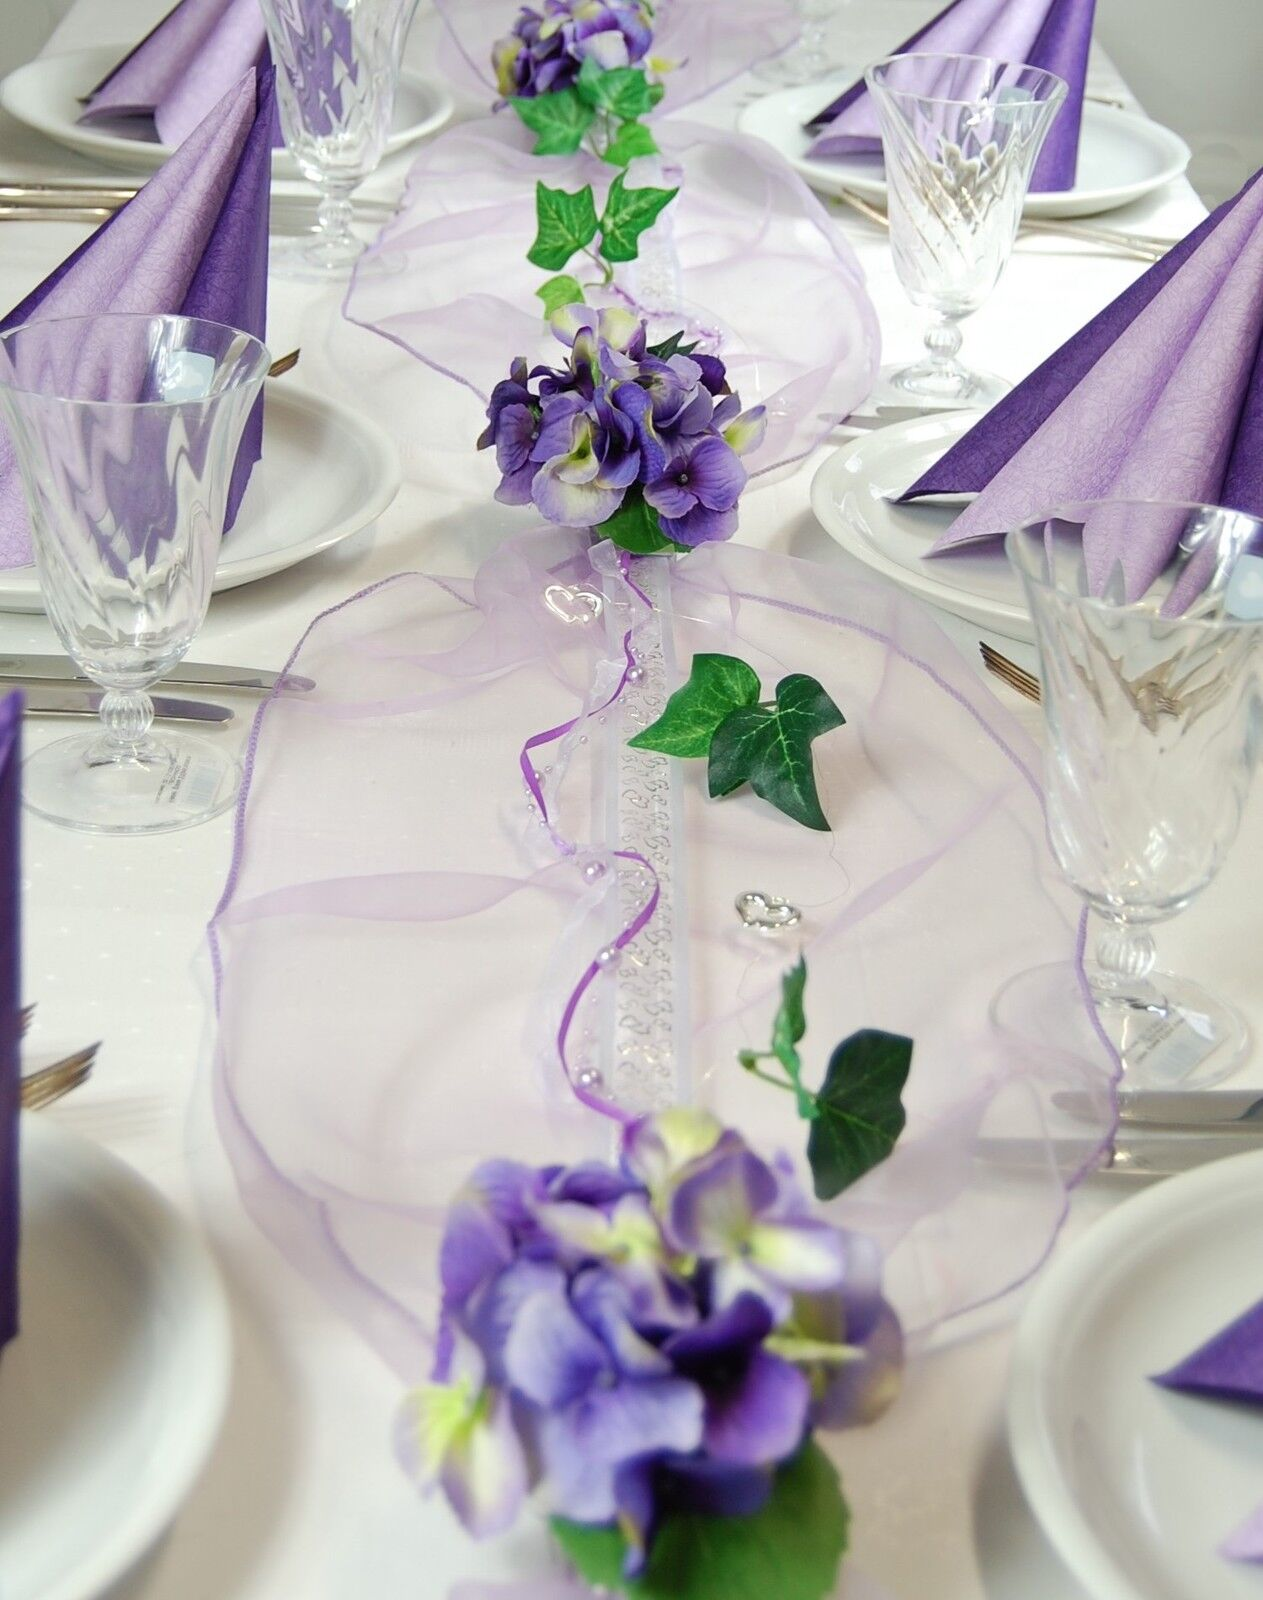 Komplette Tischdeko in lila-flieder für Hochzeit Geburtstag Kommunion ect. Gr. M